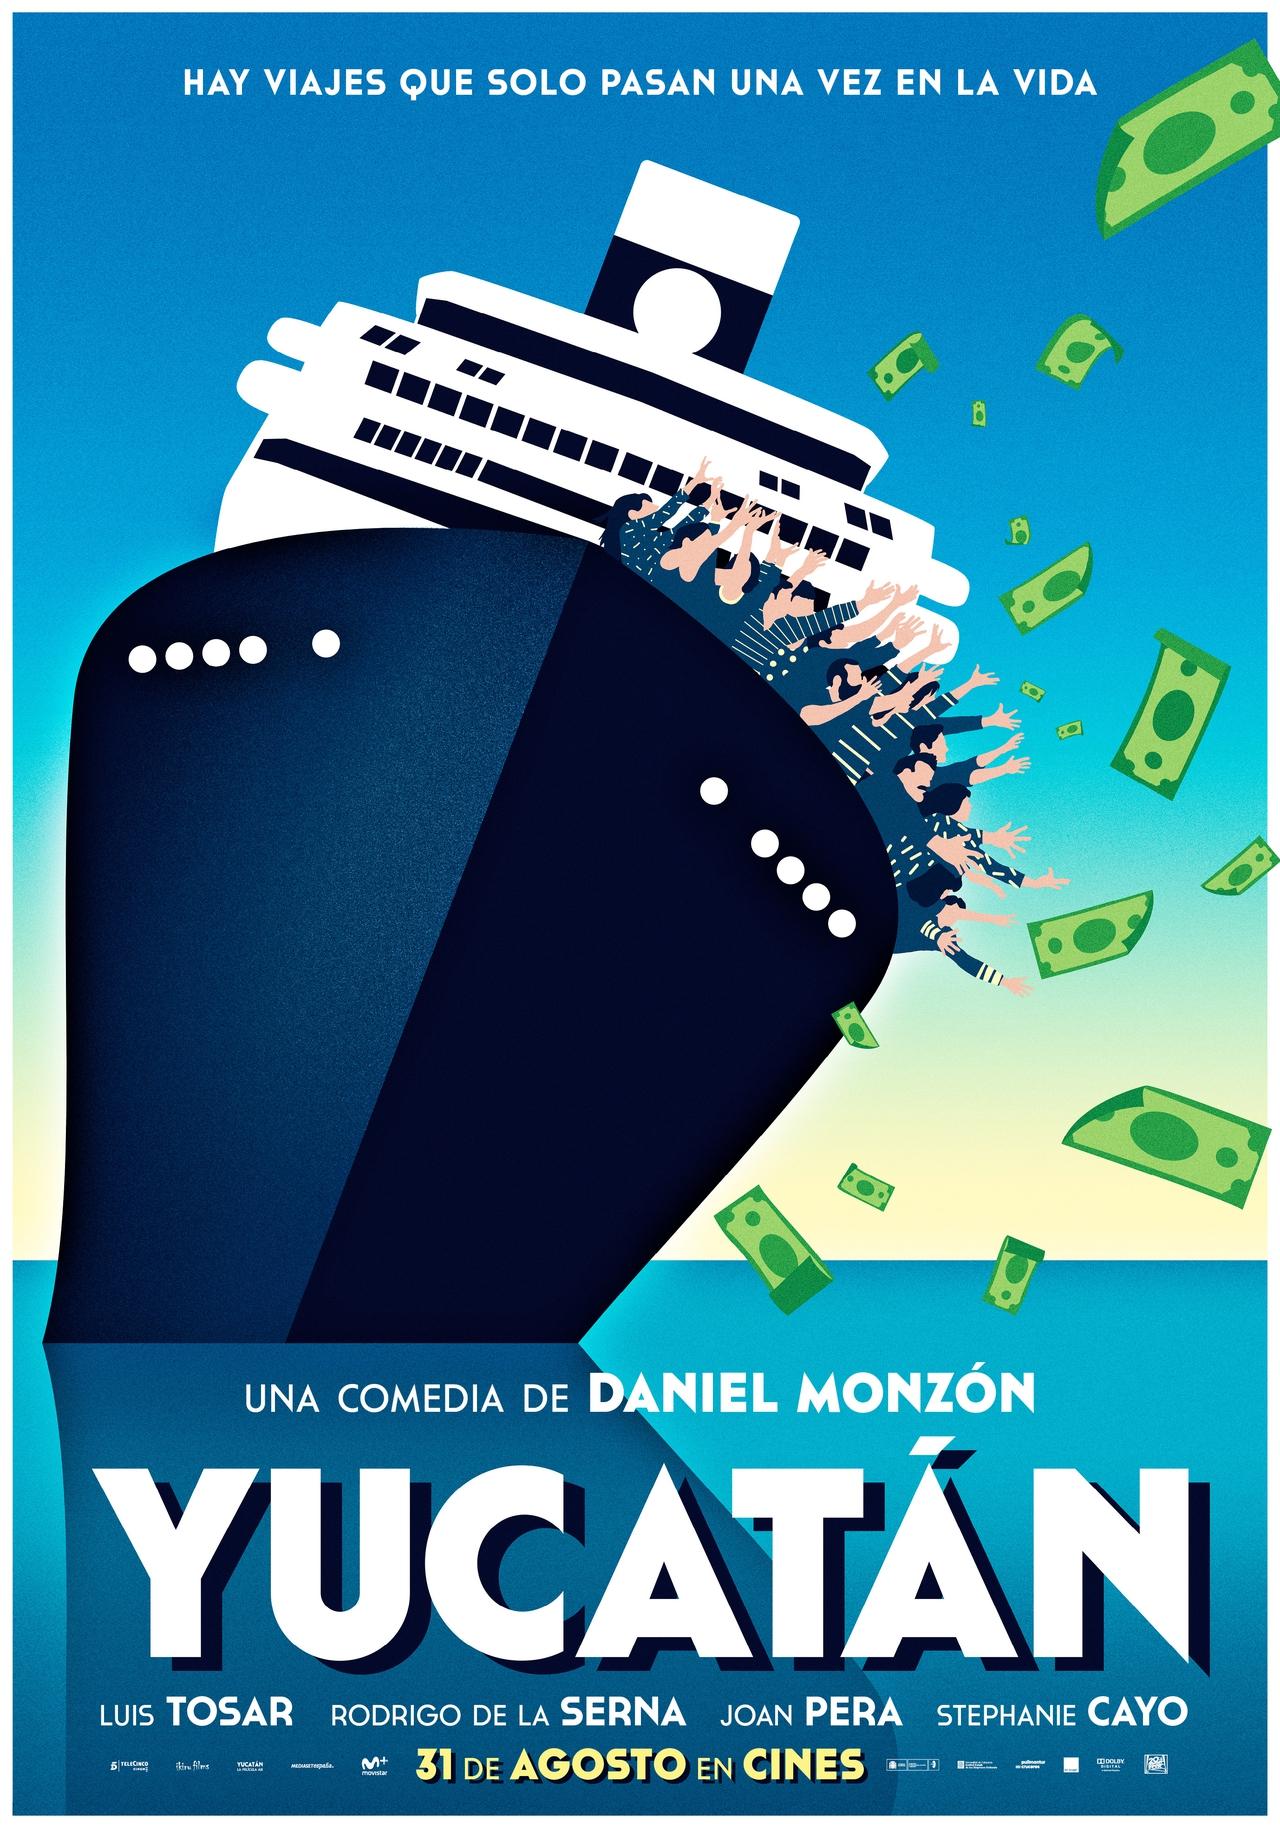 فیلم سینمایی Yucatán به کارگردانی Daniel Monzón